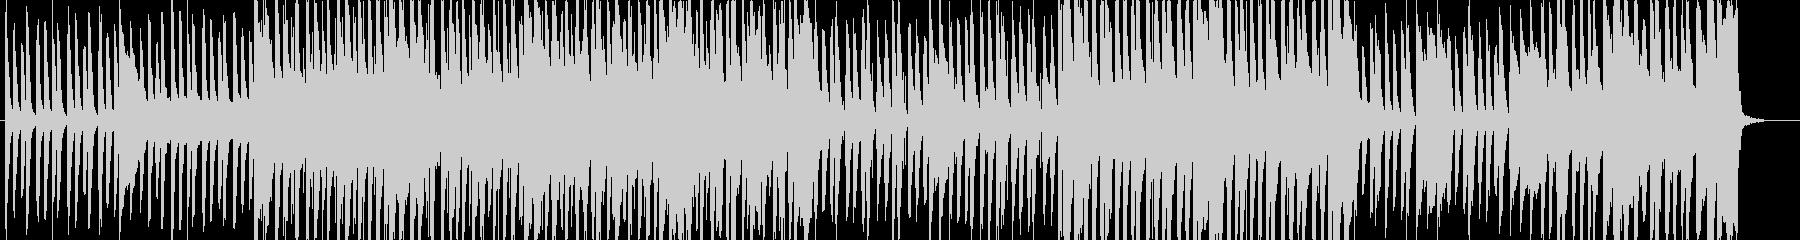 ポリリズム感のある変拍子ピアノポップの未再生の波形